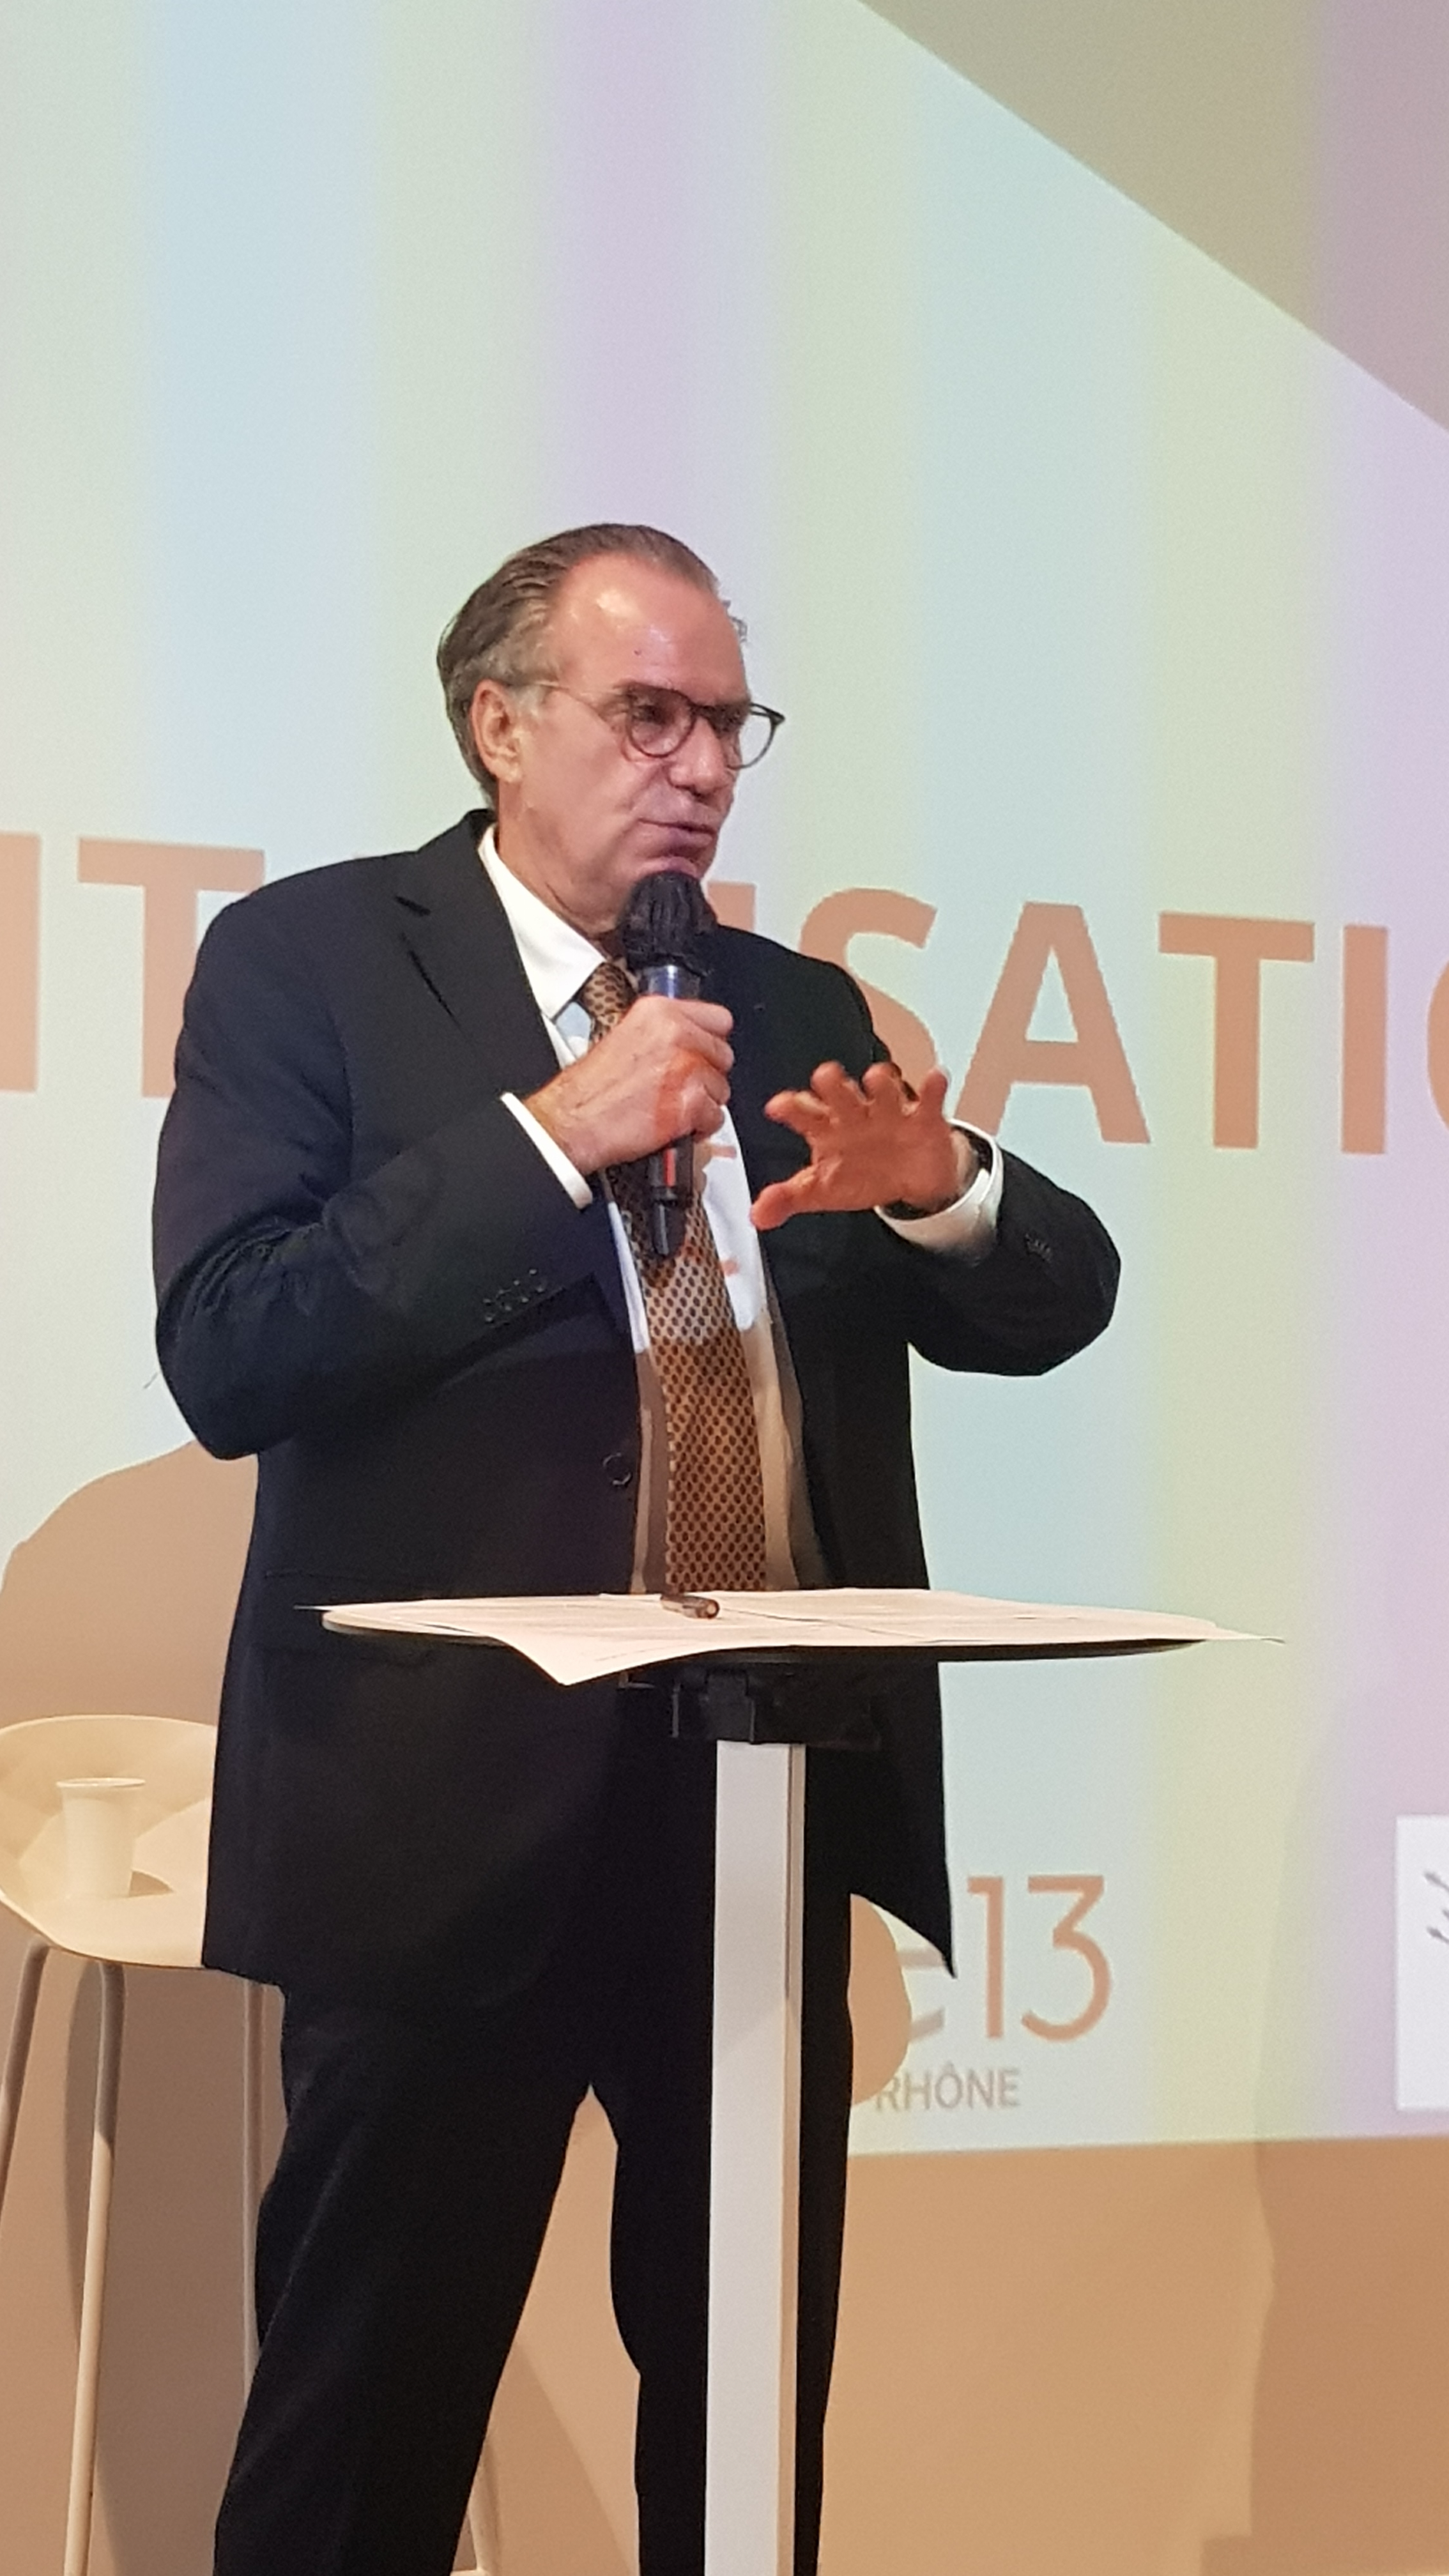 Le président de la région Provence-Alpes-Côte d'Azur s'engage à ce qu'aucun rideau ne ferme (photo : F.Dubessy)